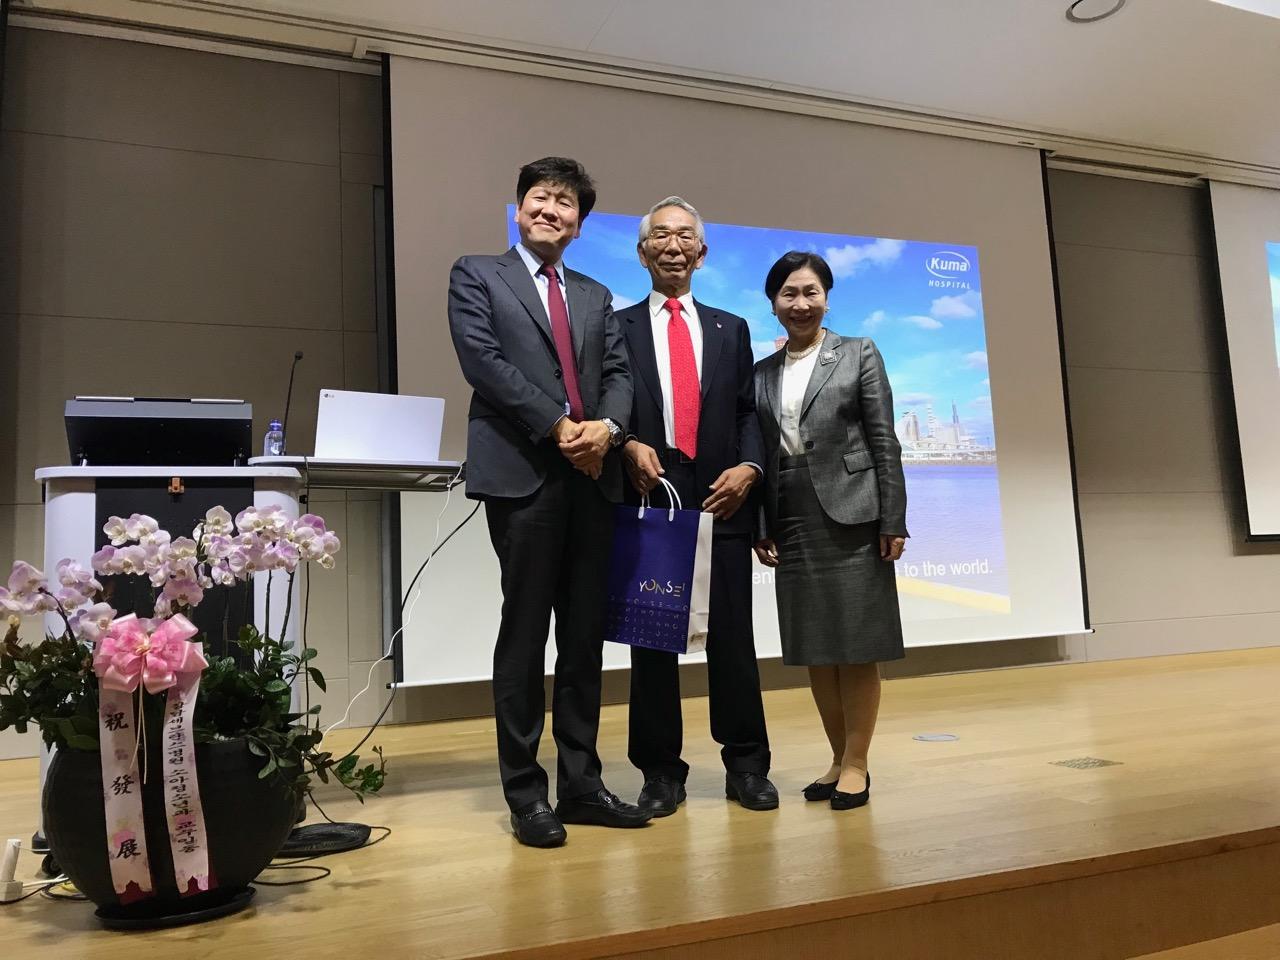 講演の後で現在のセンター長のChang教授から記念品を頂く宮内夫妻。